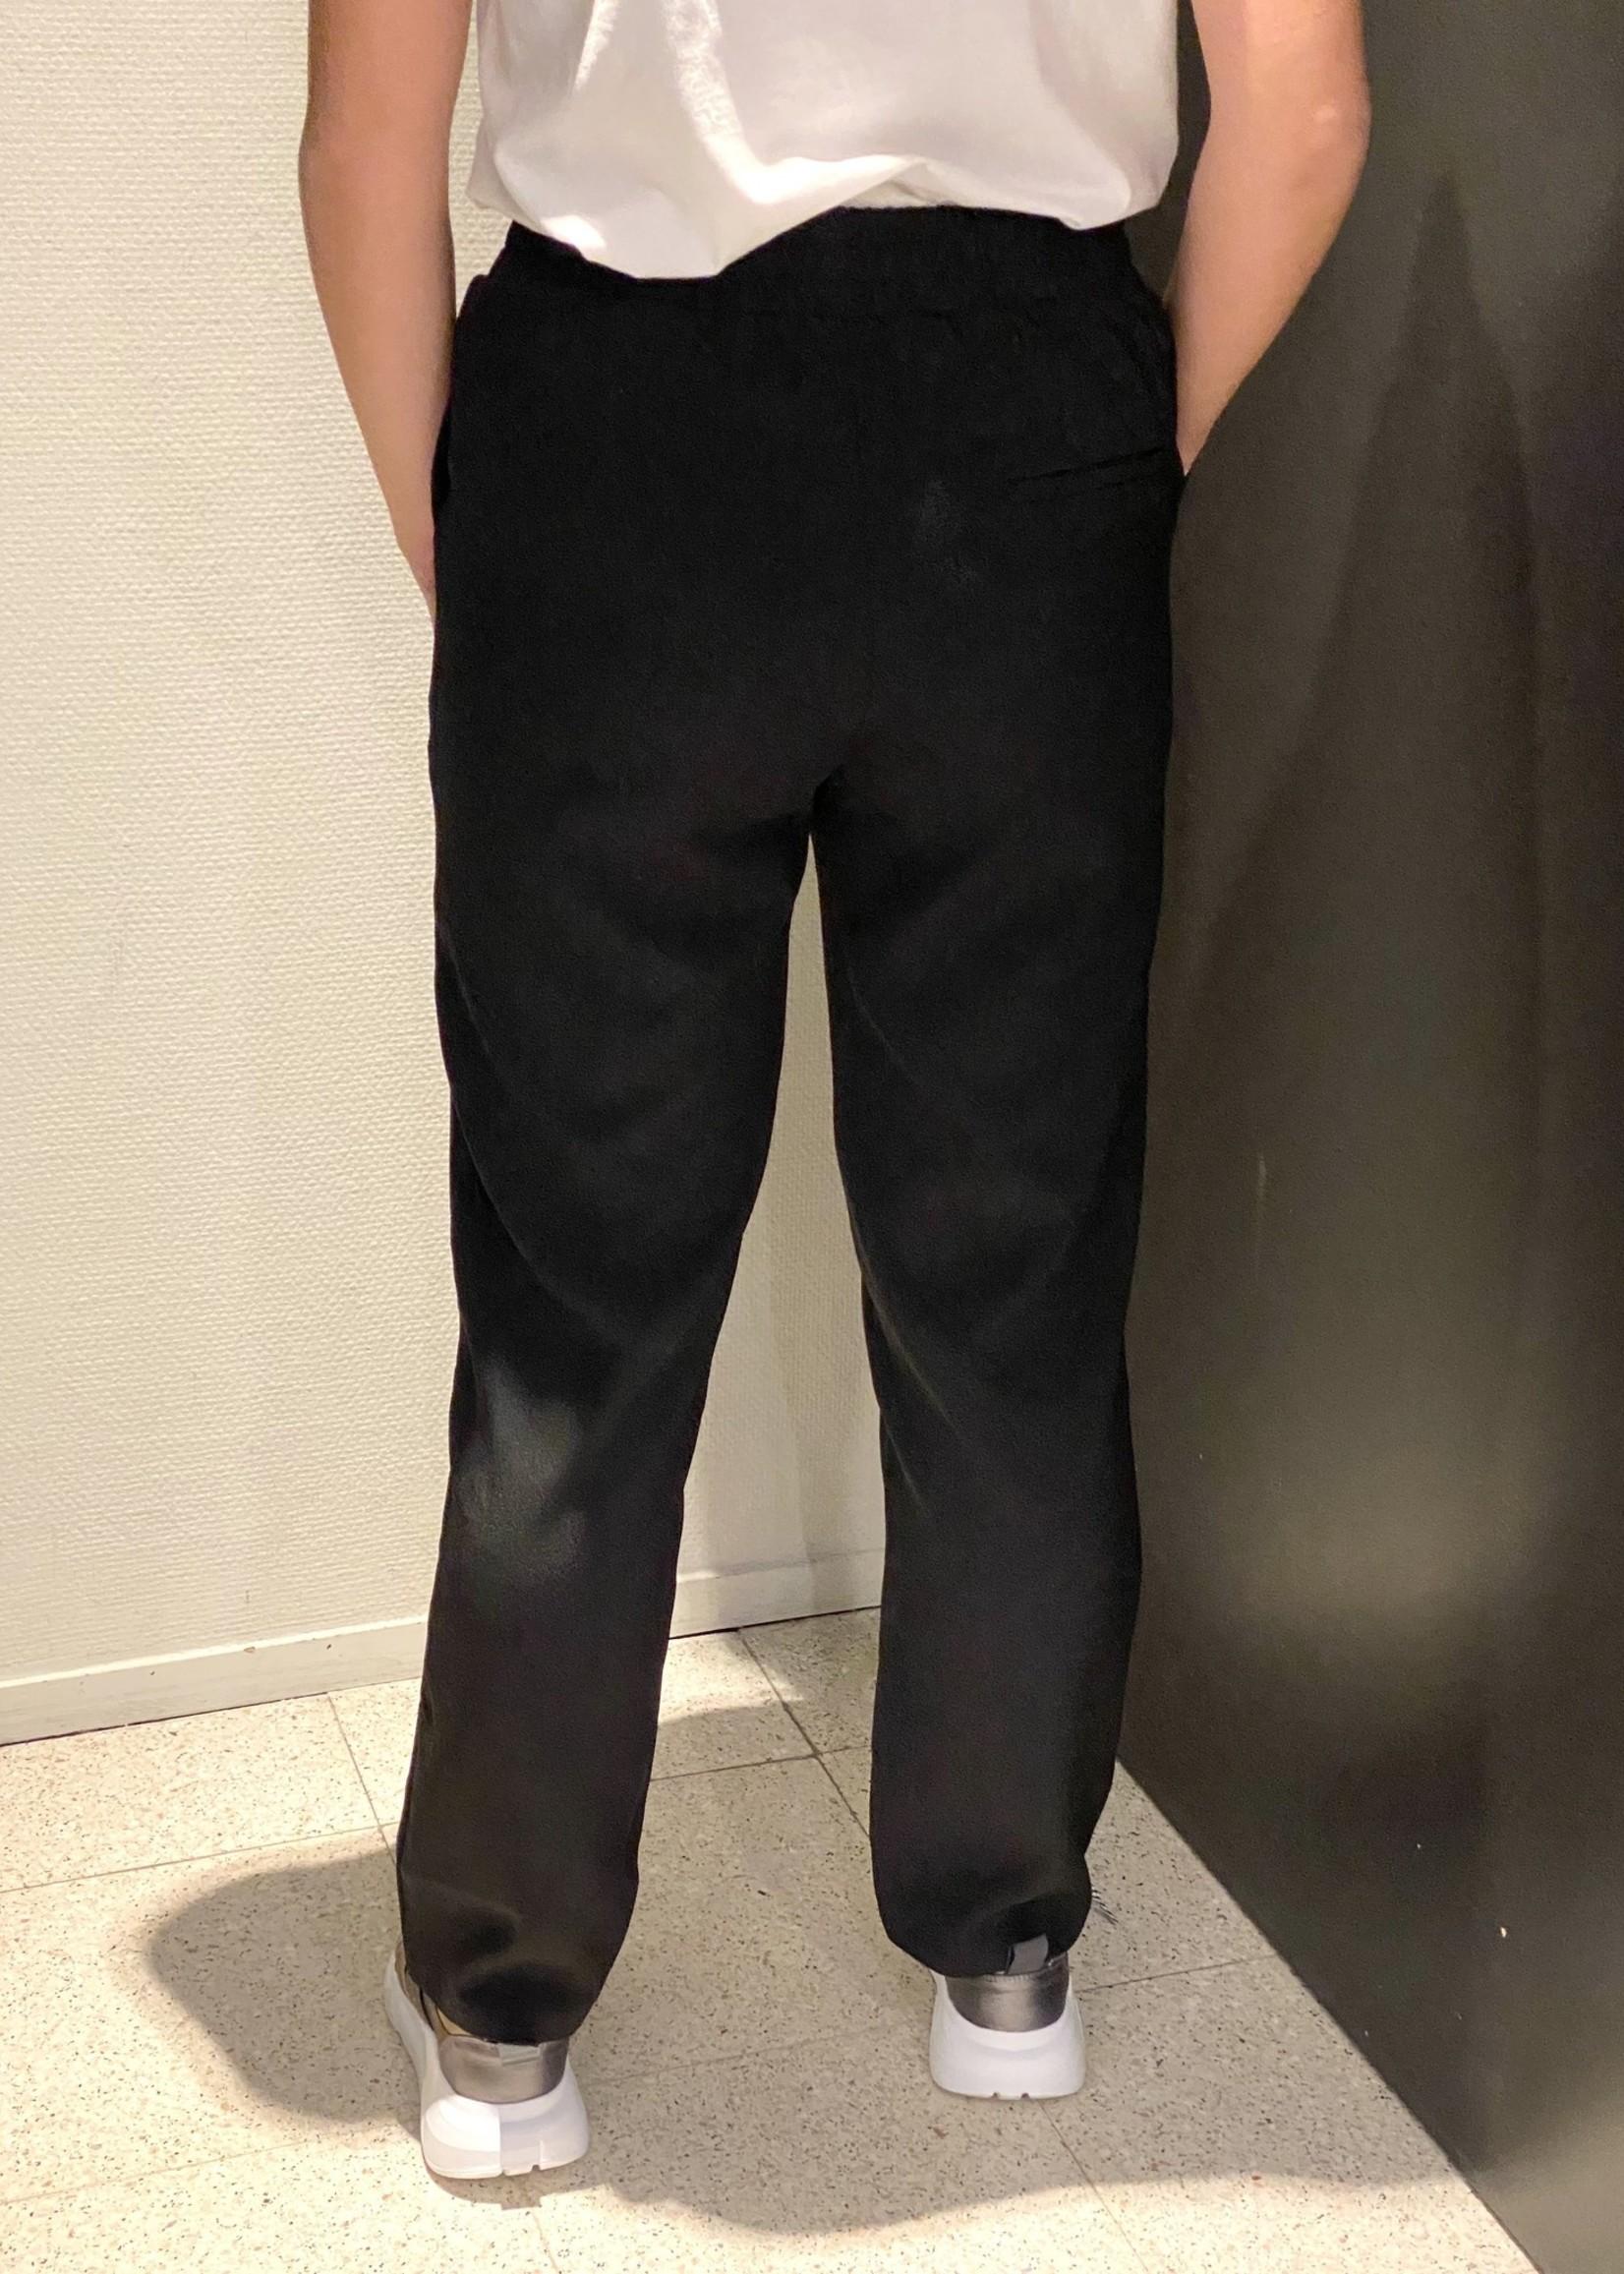 YDENCE Zwarte broek van YDENCE